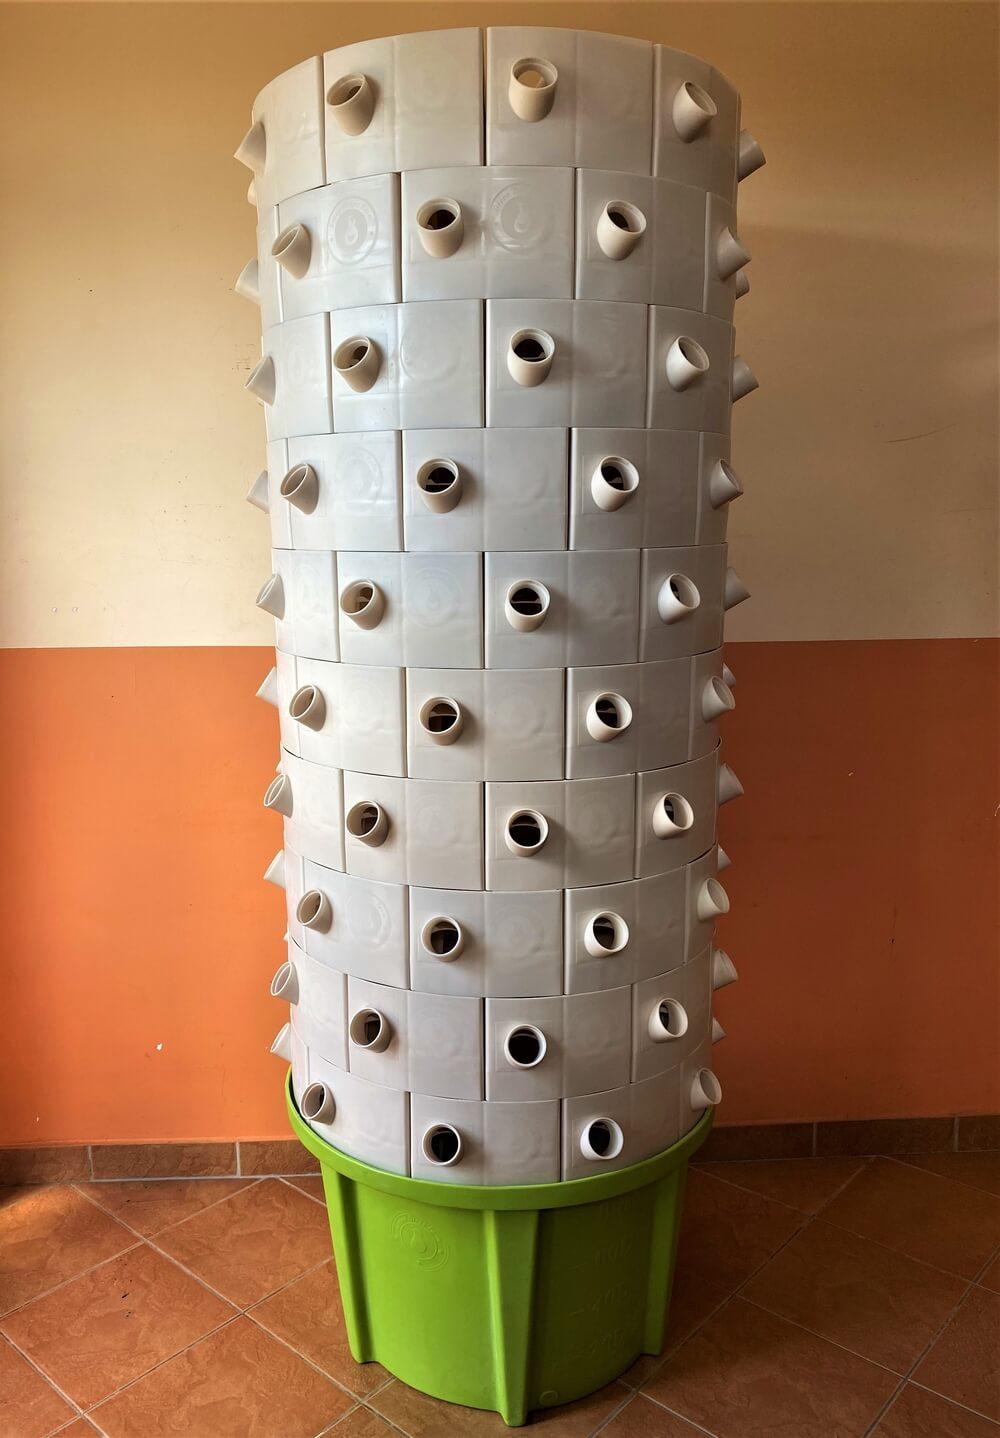 Családi XXL 10 szintes Green Drops Hidropóniás berendezés